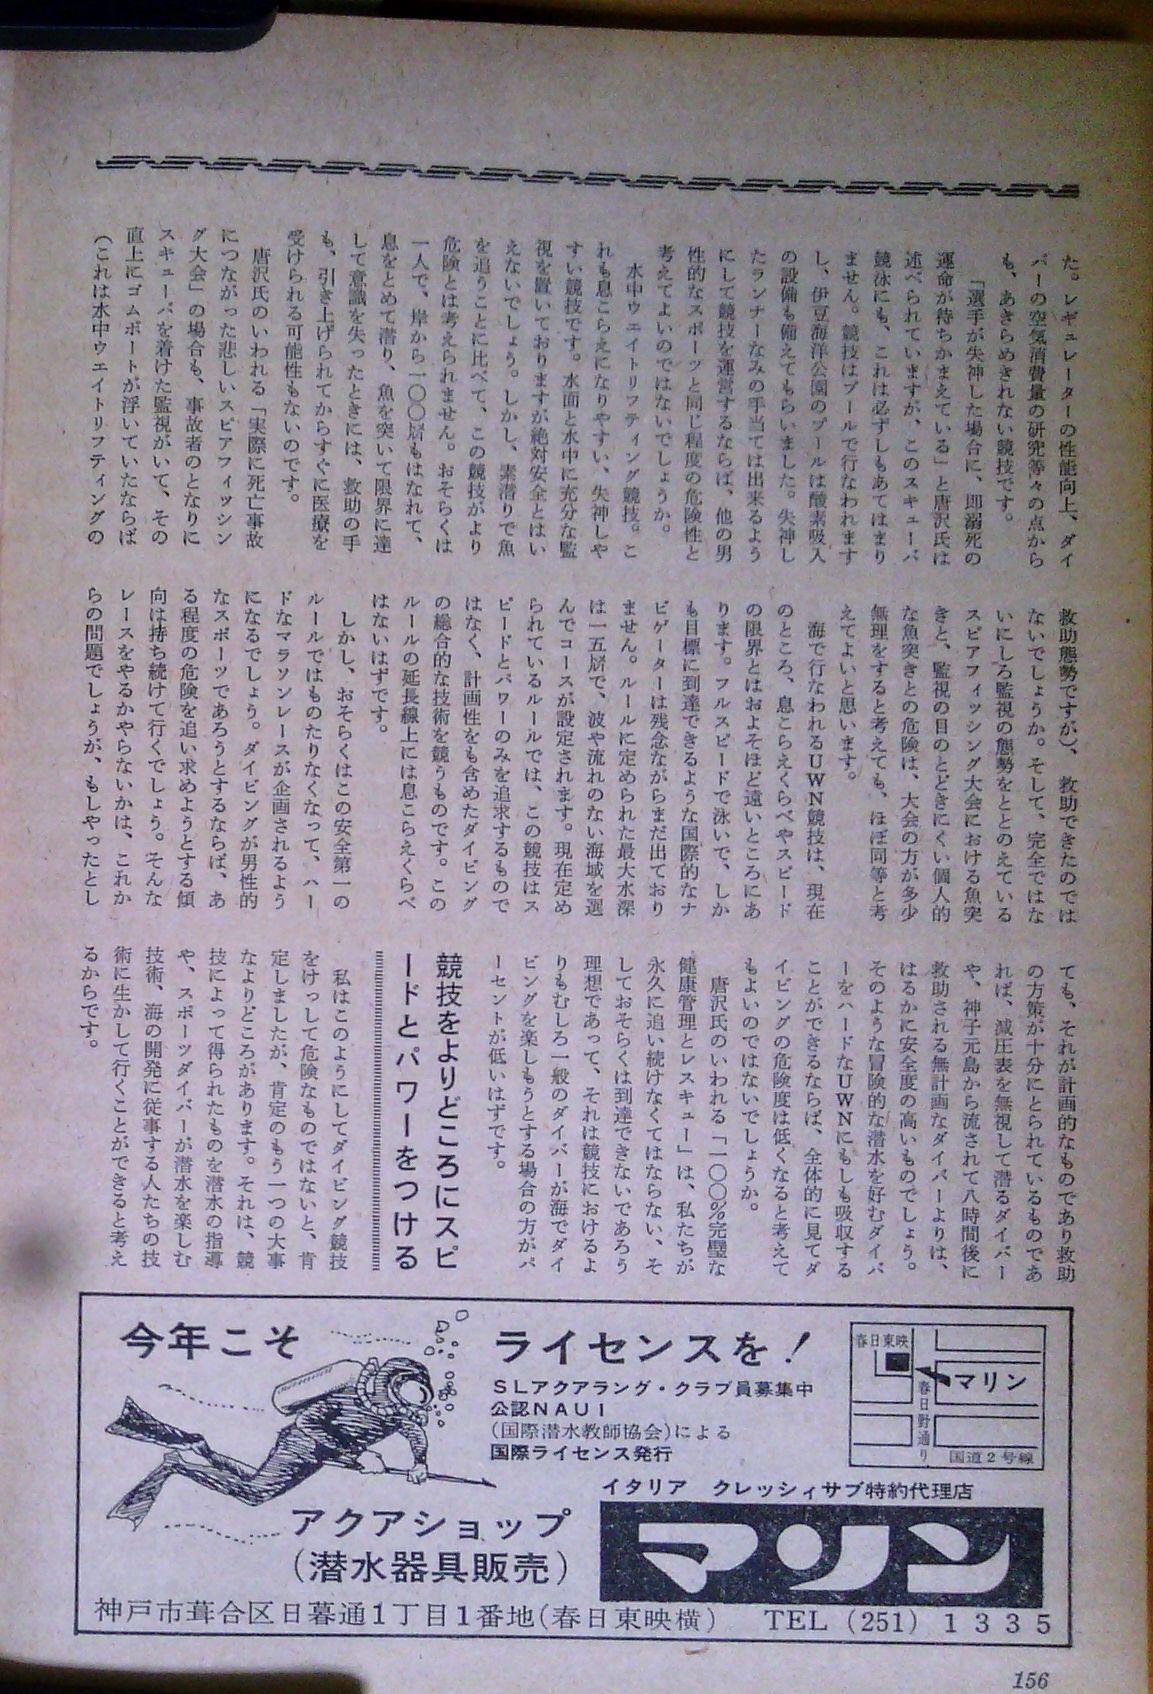 0513 ダイビングの歴史 70 海の世界 1974年 5月_b0075059_13283208.jpg